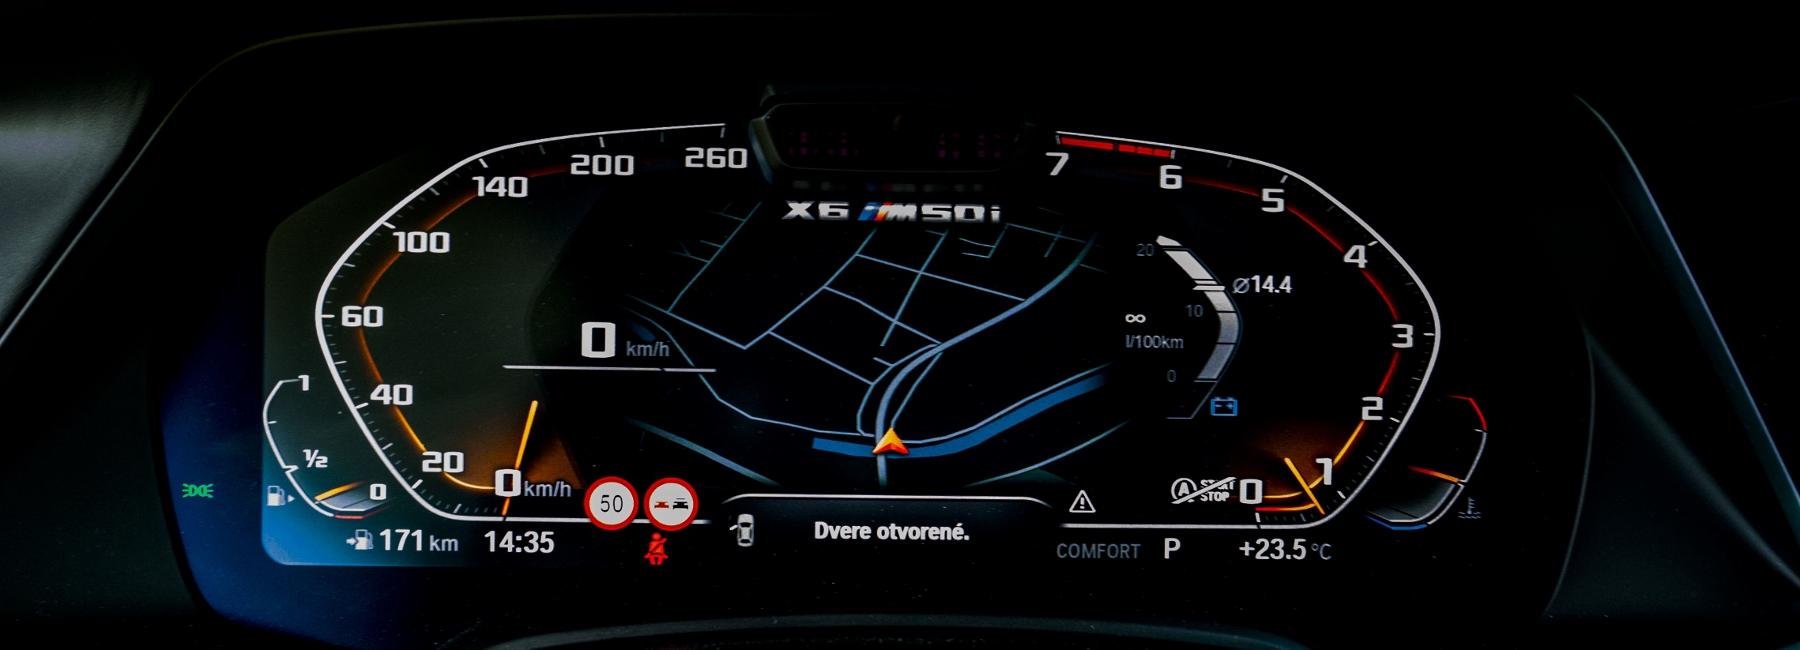 Test: BMW X6 M50i napína benzínové svaly, ale neukazuje plnú silu qoWhmKANUN bmw-x6-m50i-40